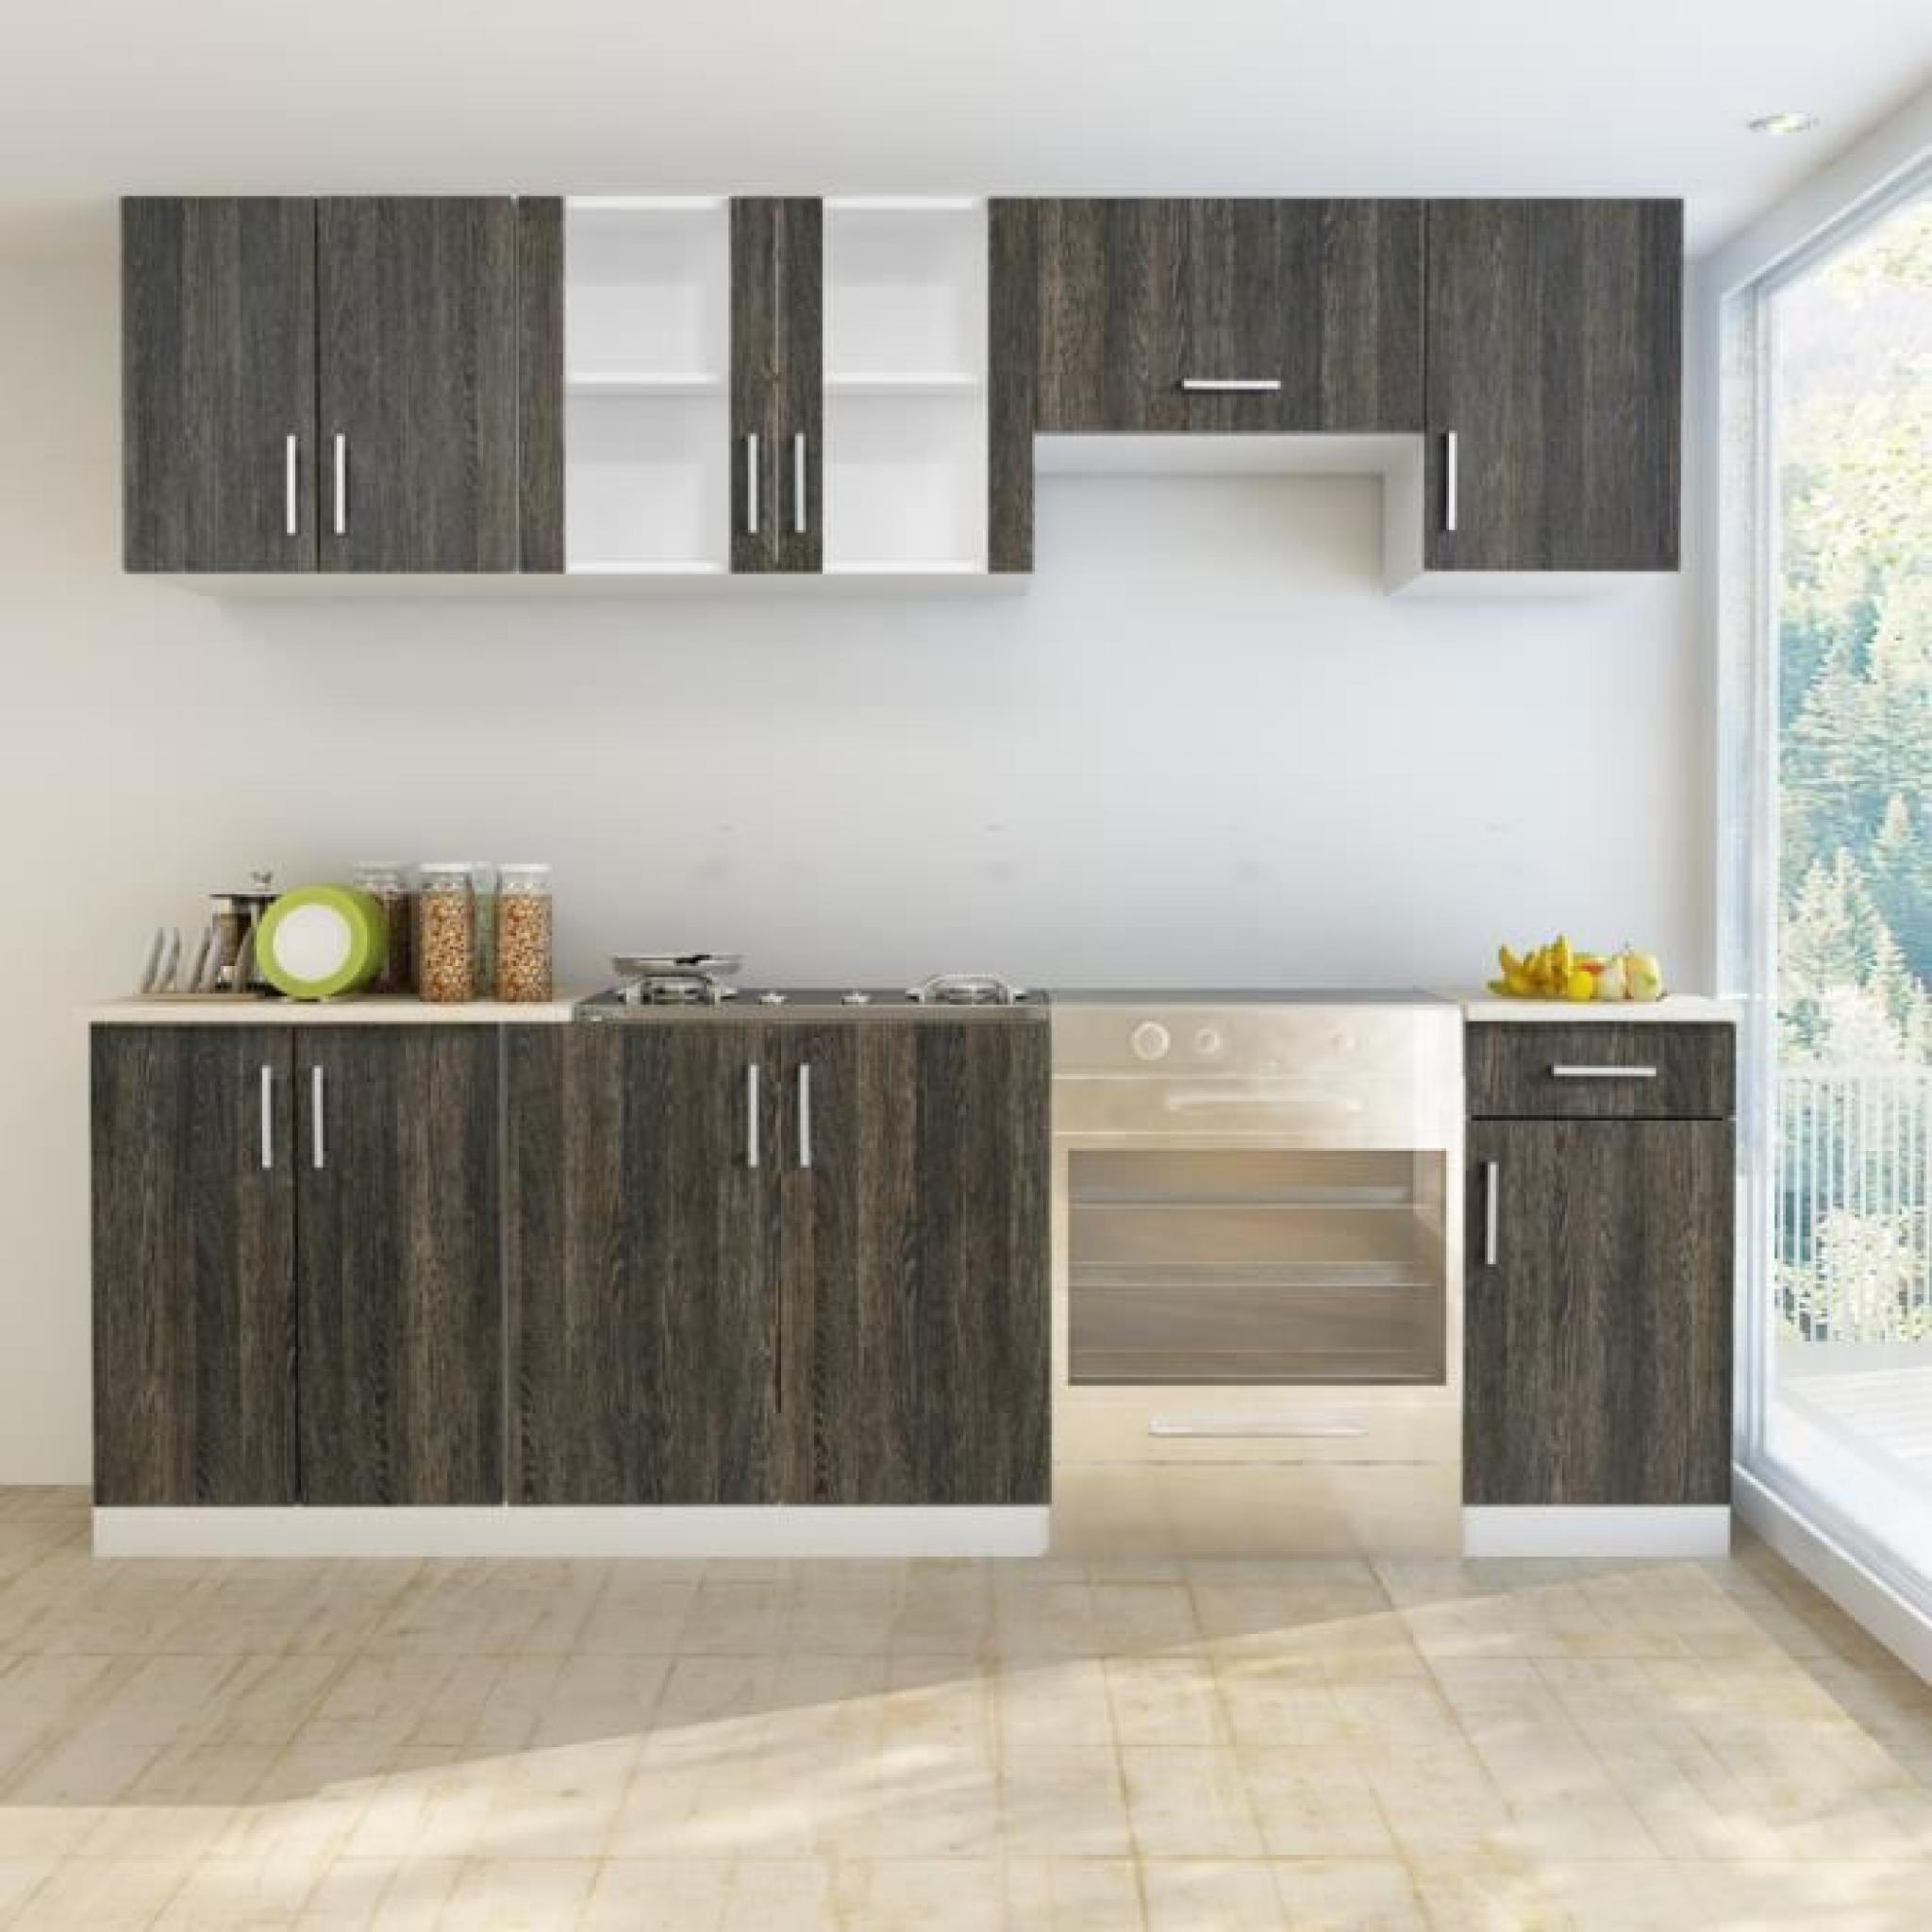 cuisine compl te 7 pi ces weng avec vier 80 x 60 cm achat vente cuisine complete pas cher. Black Bedroom Furniture Sets. Home Design Ideas